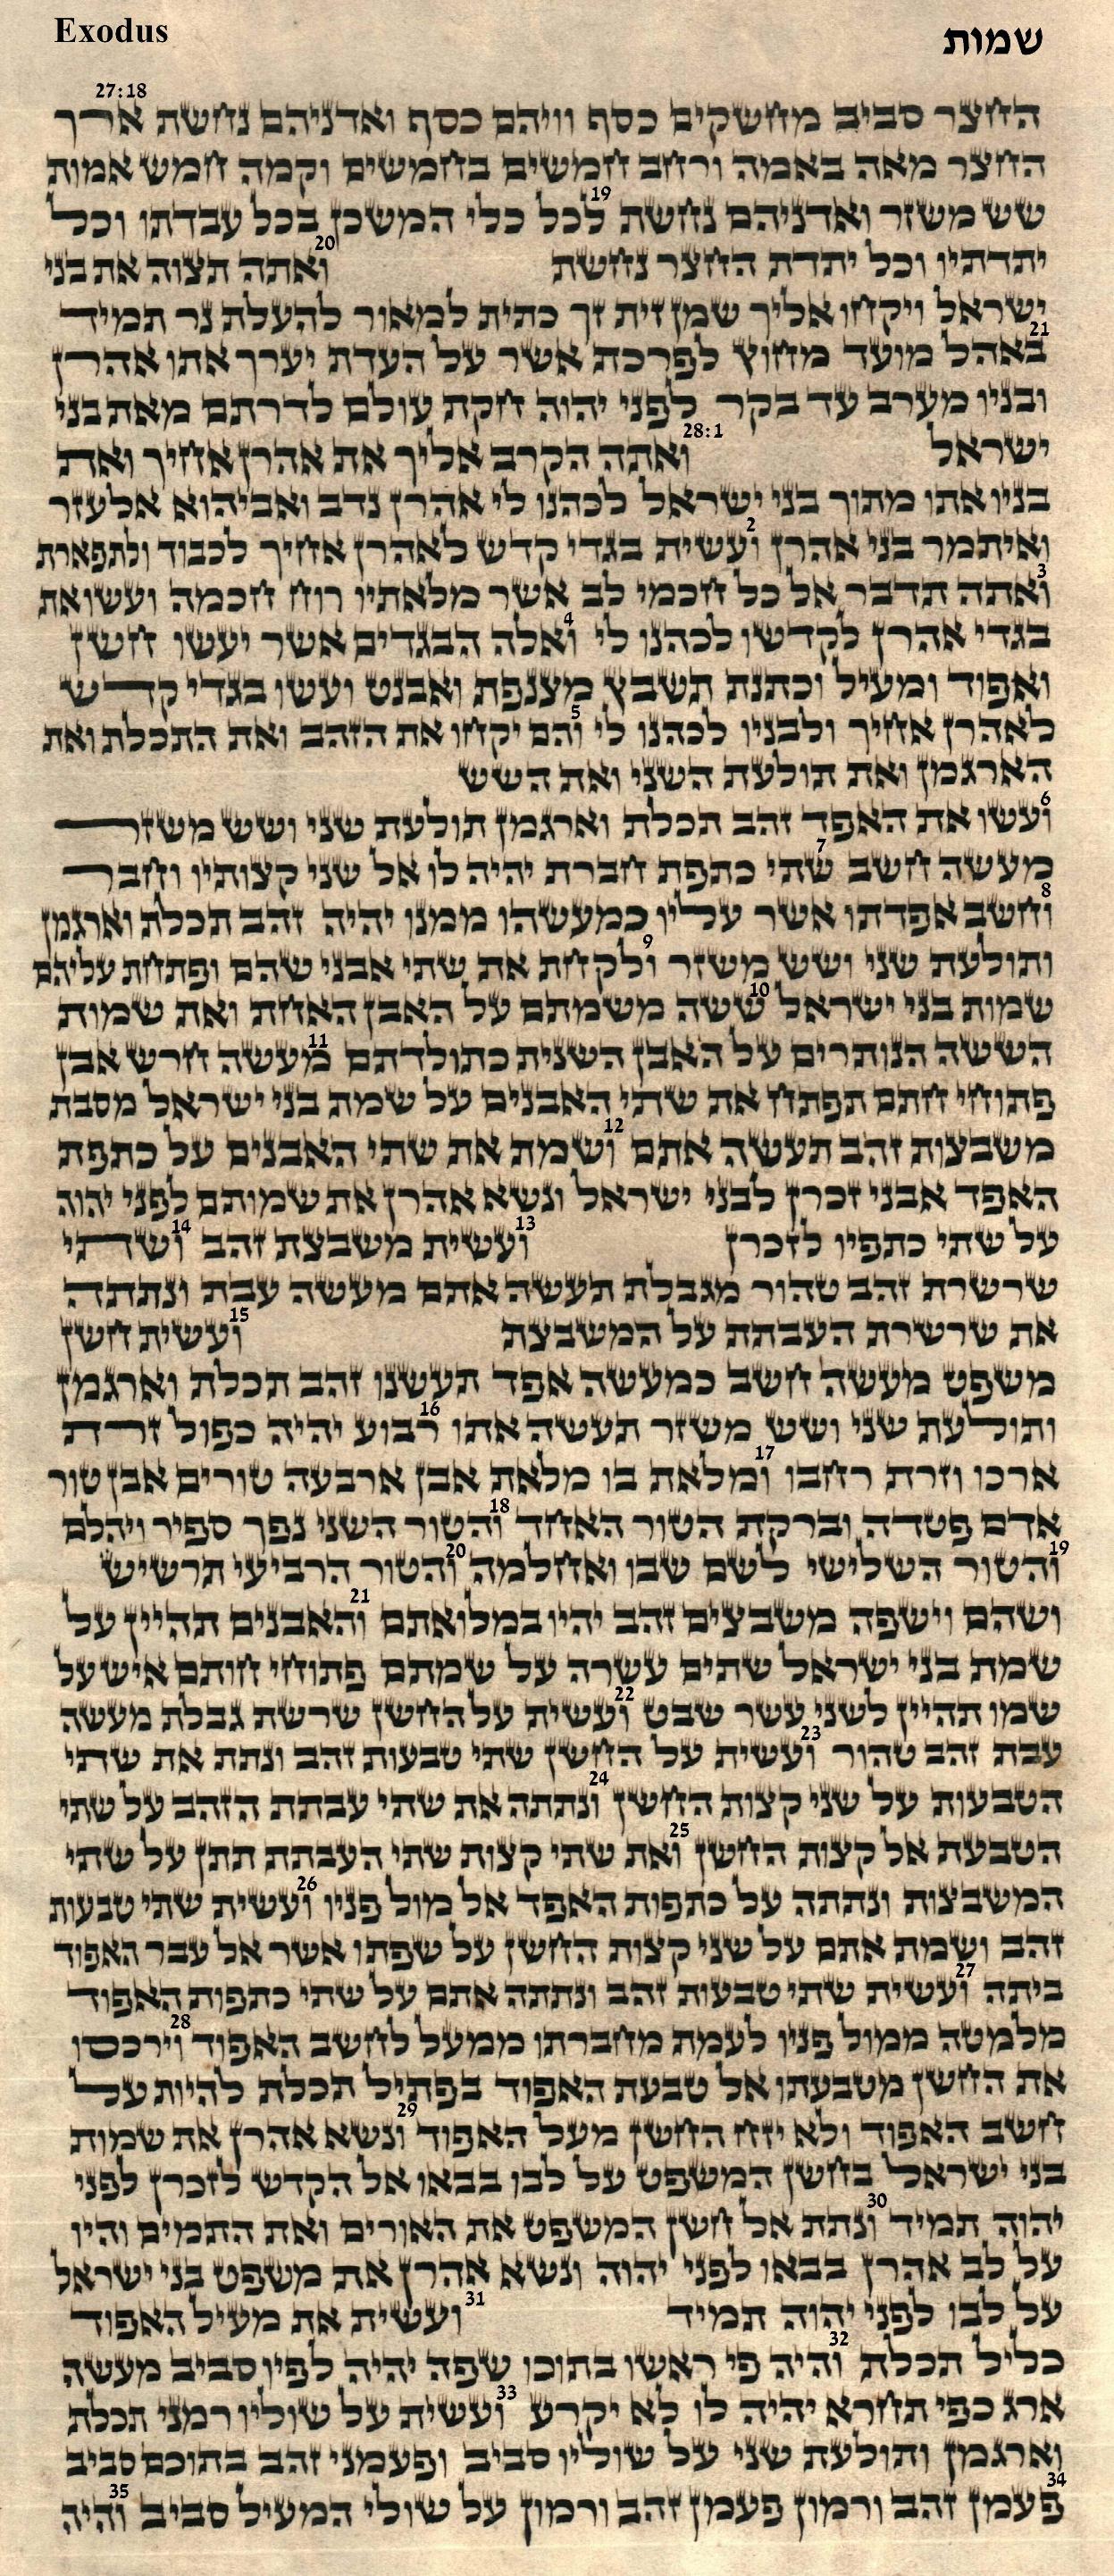 Exodus 27.18 - 28.35